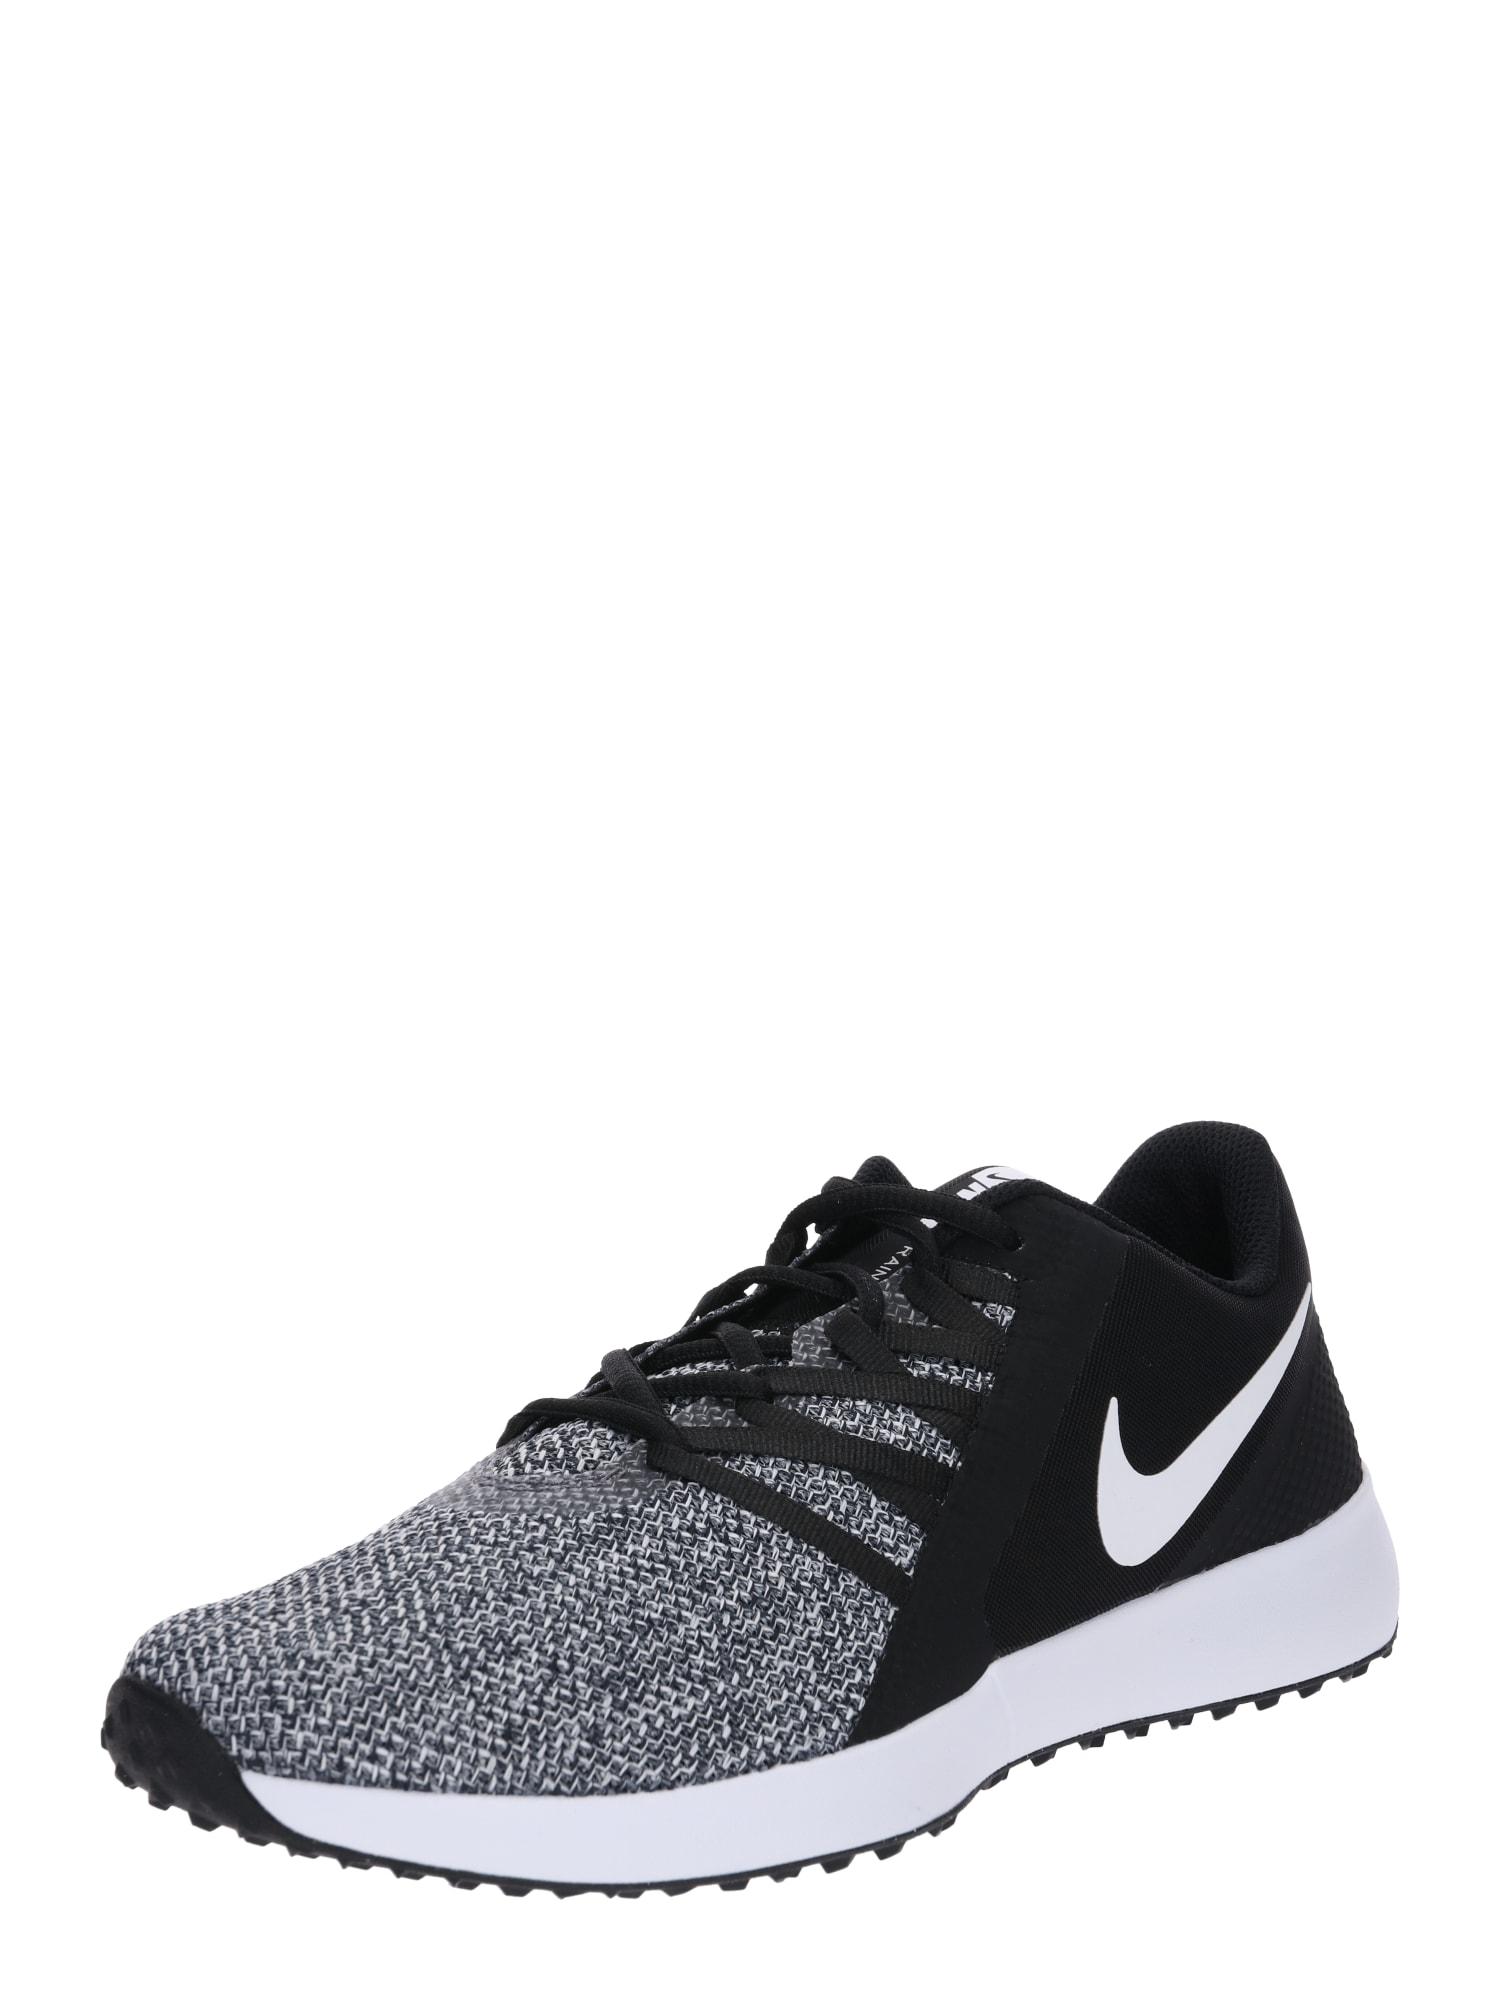 Sportovní boty Nike Varsity Compete Trainer černá bílá NIKE